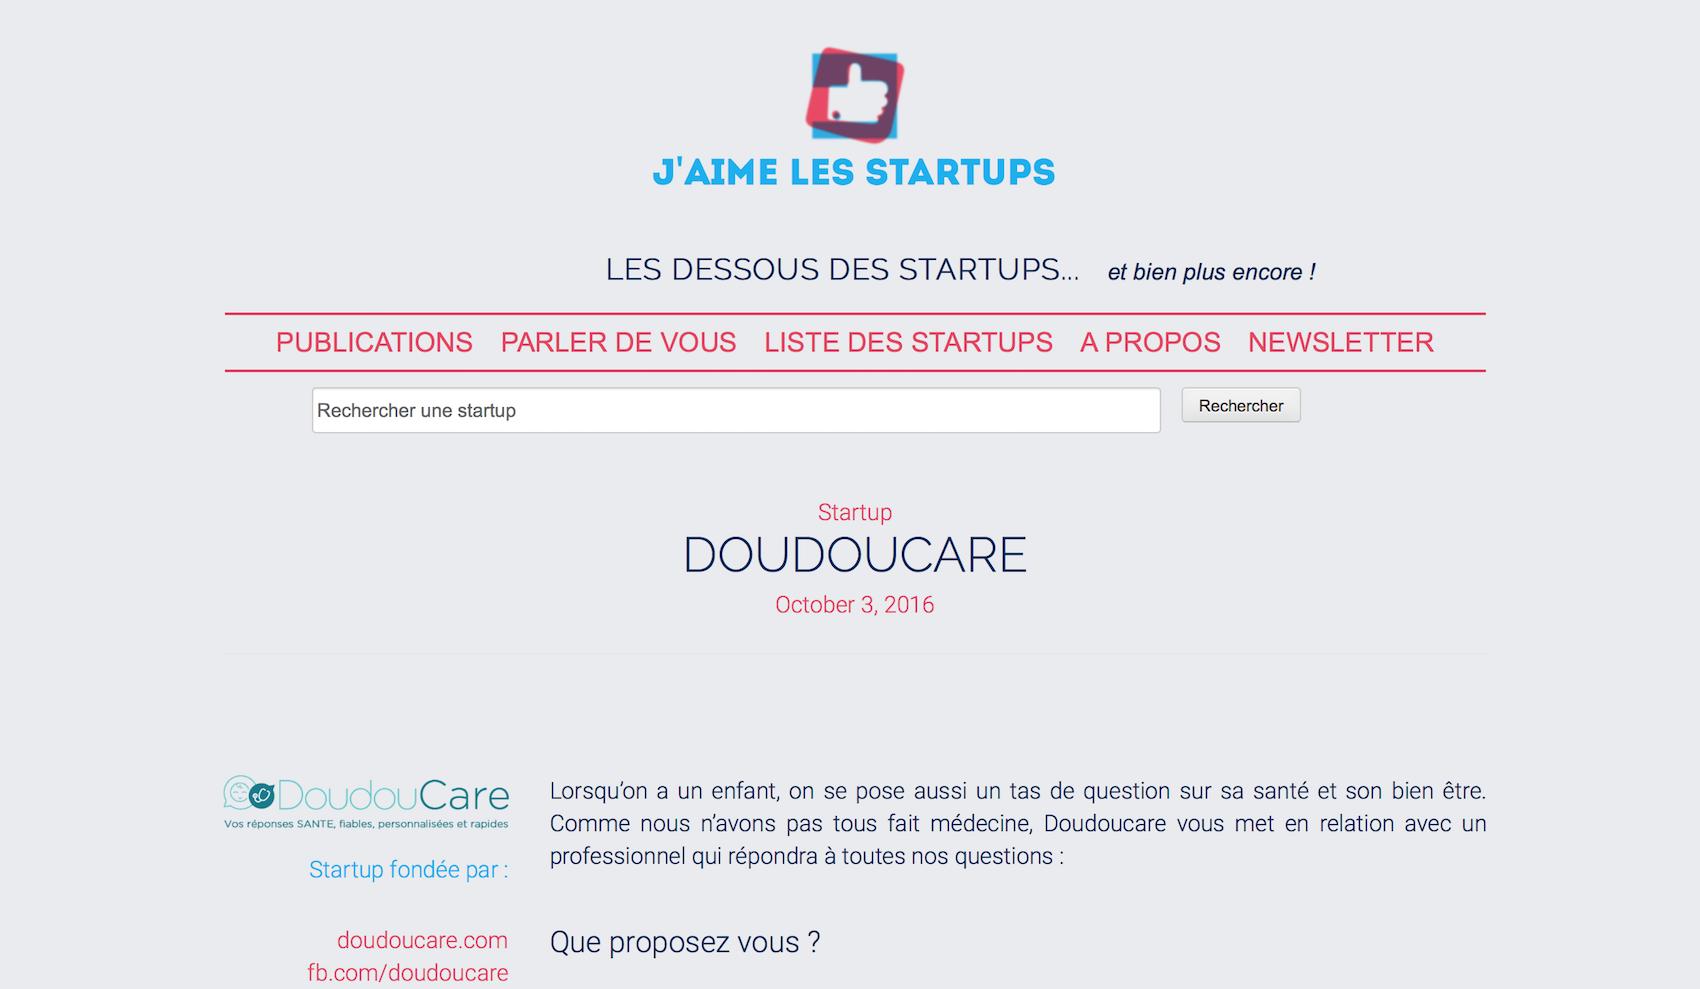 Découvrir l'article J'aime les startups